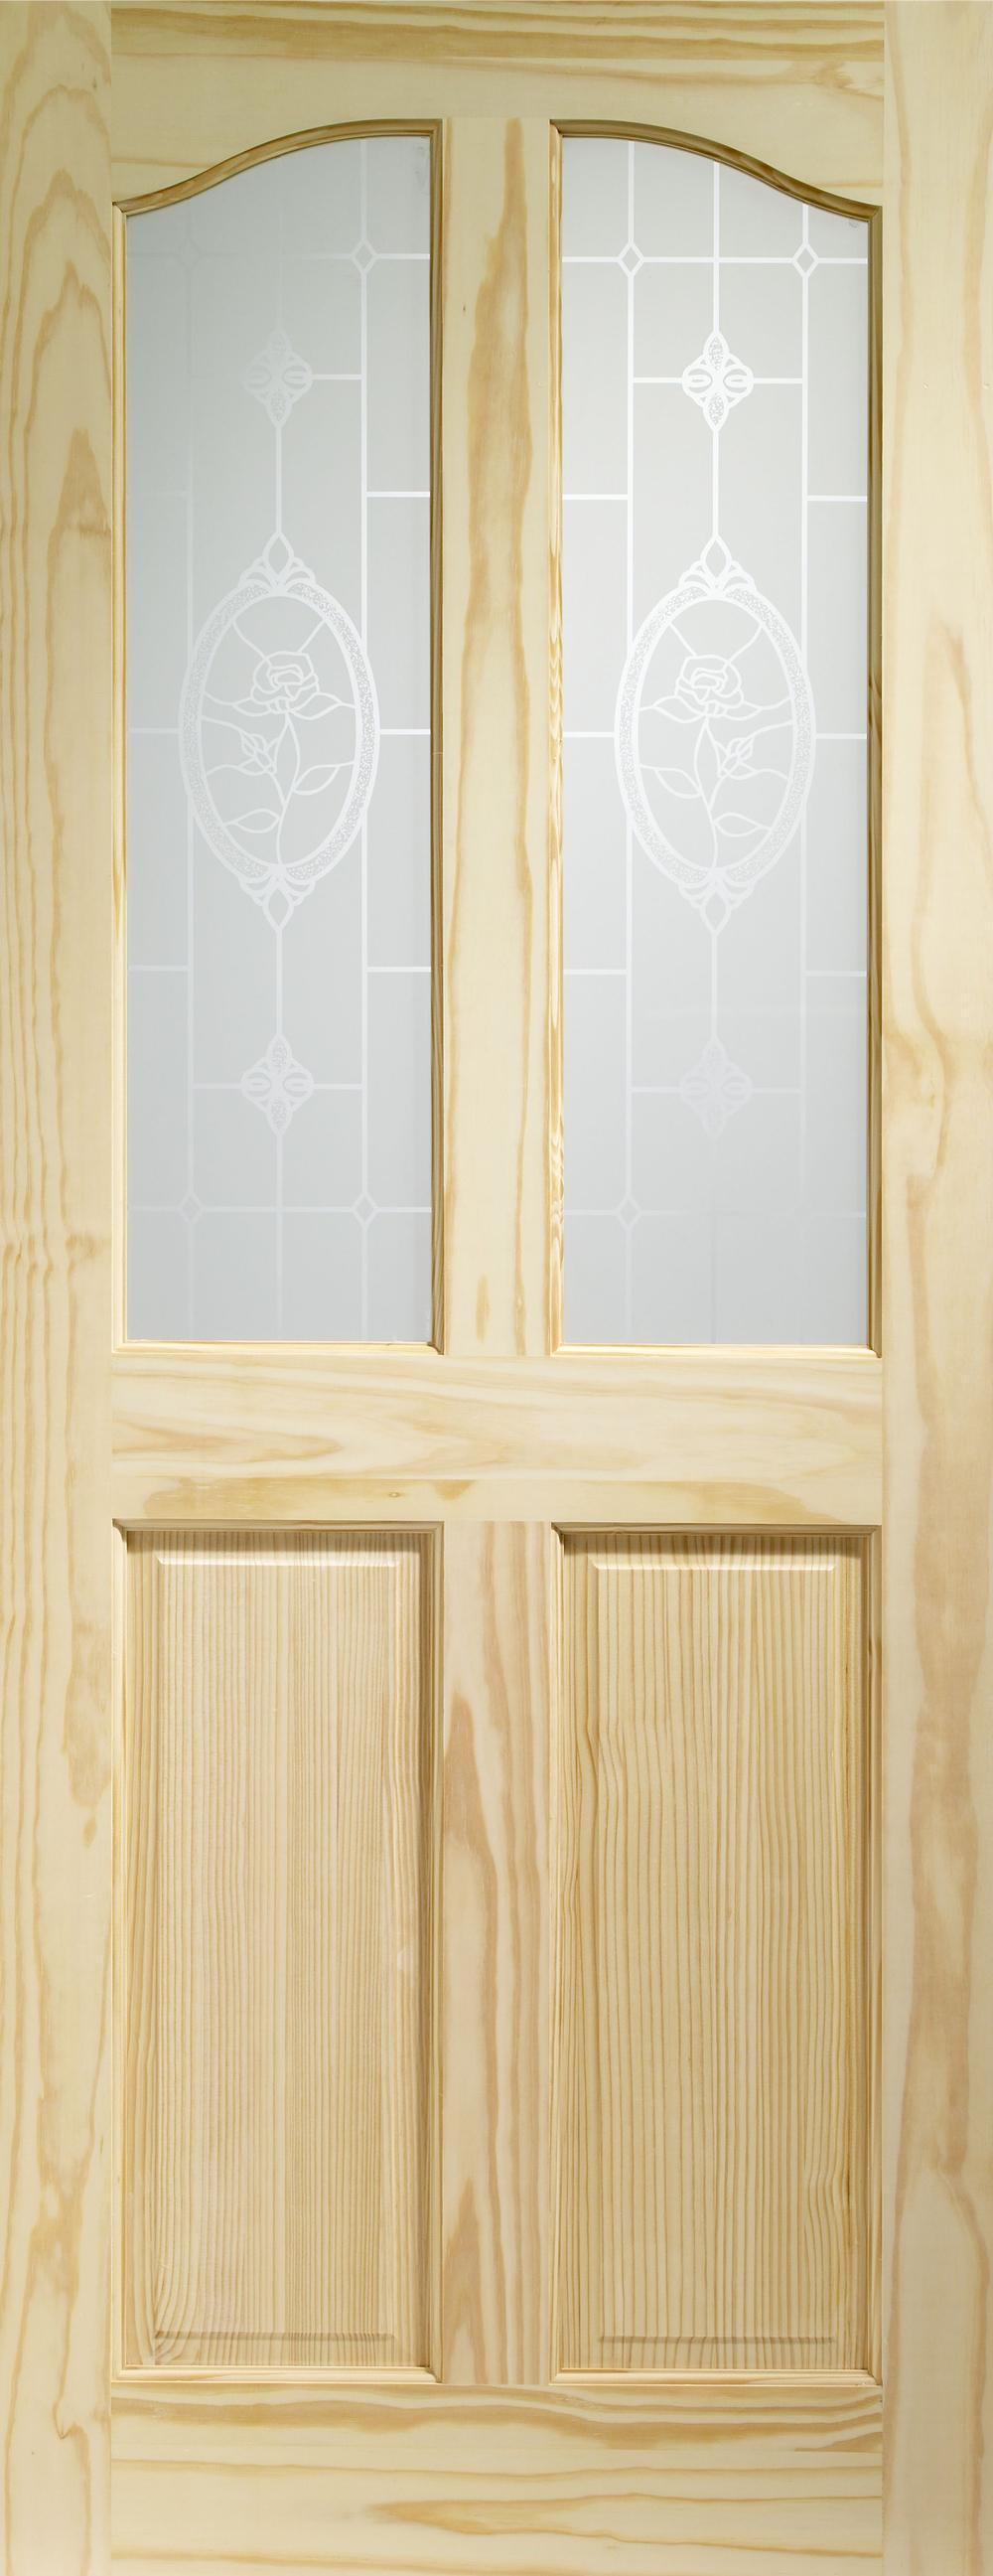 Replacement doors internal replacement doors for Replacement windows doors